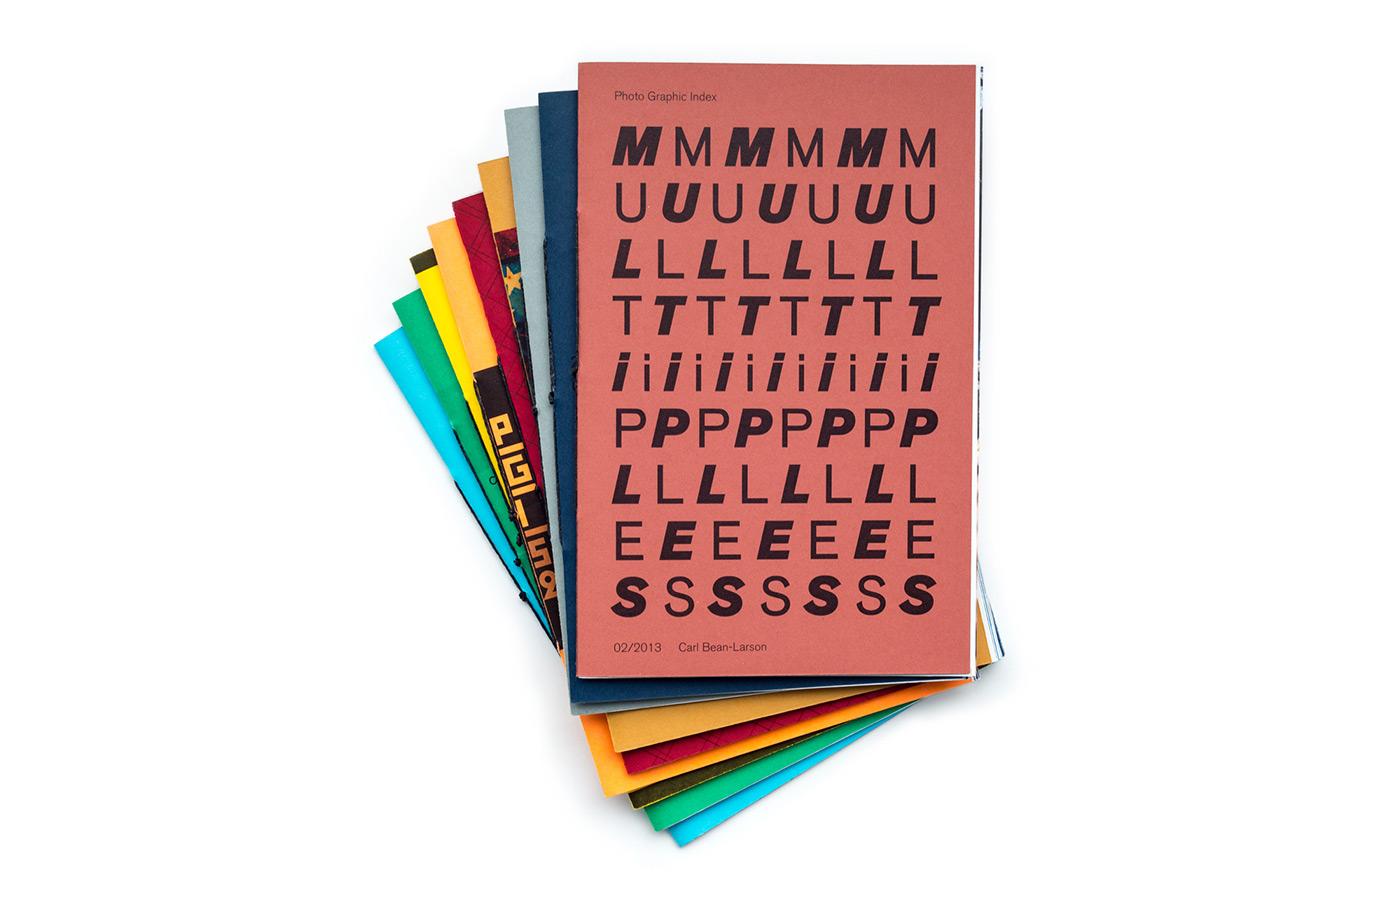 http://www.carlbeanlarson.com/files/gimgs/33_pgi-01-stack.jpg